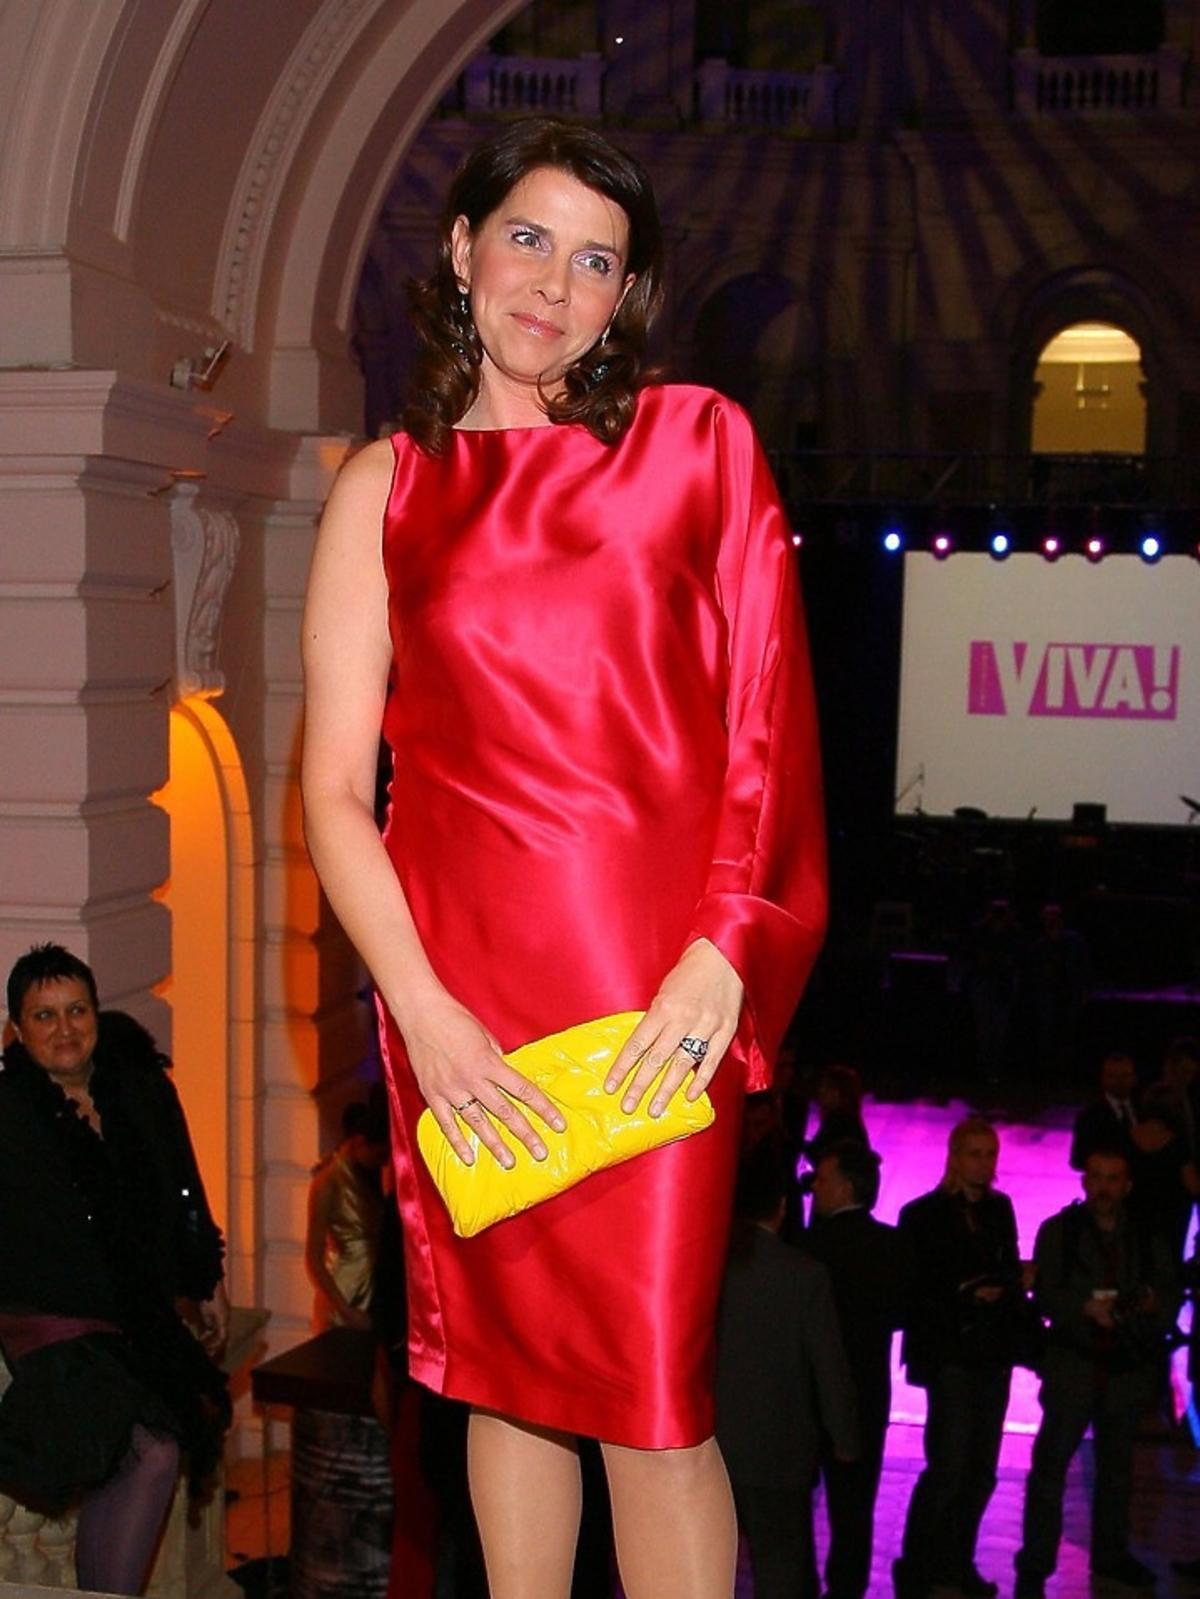 Katarzyna Kolenda-Zaleska w czerwonej sukience z żółtą torebką pozuje fotoreporterom podczas Charytatywnego Balu Dziennikarzy w Auli Politechniki Warszawskiej